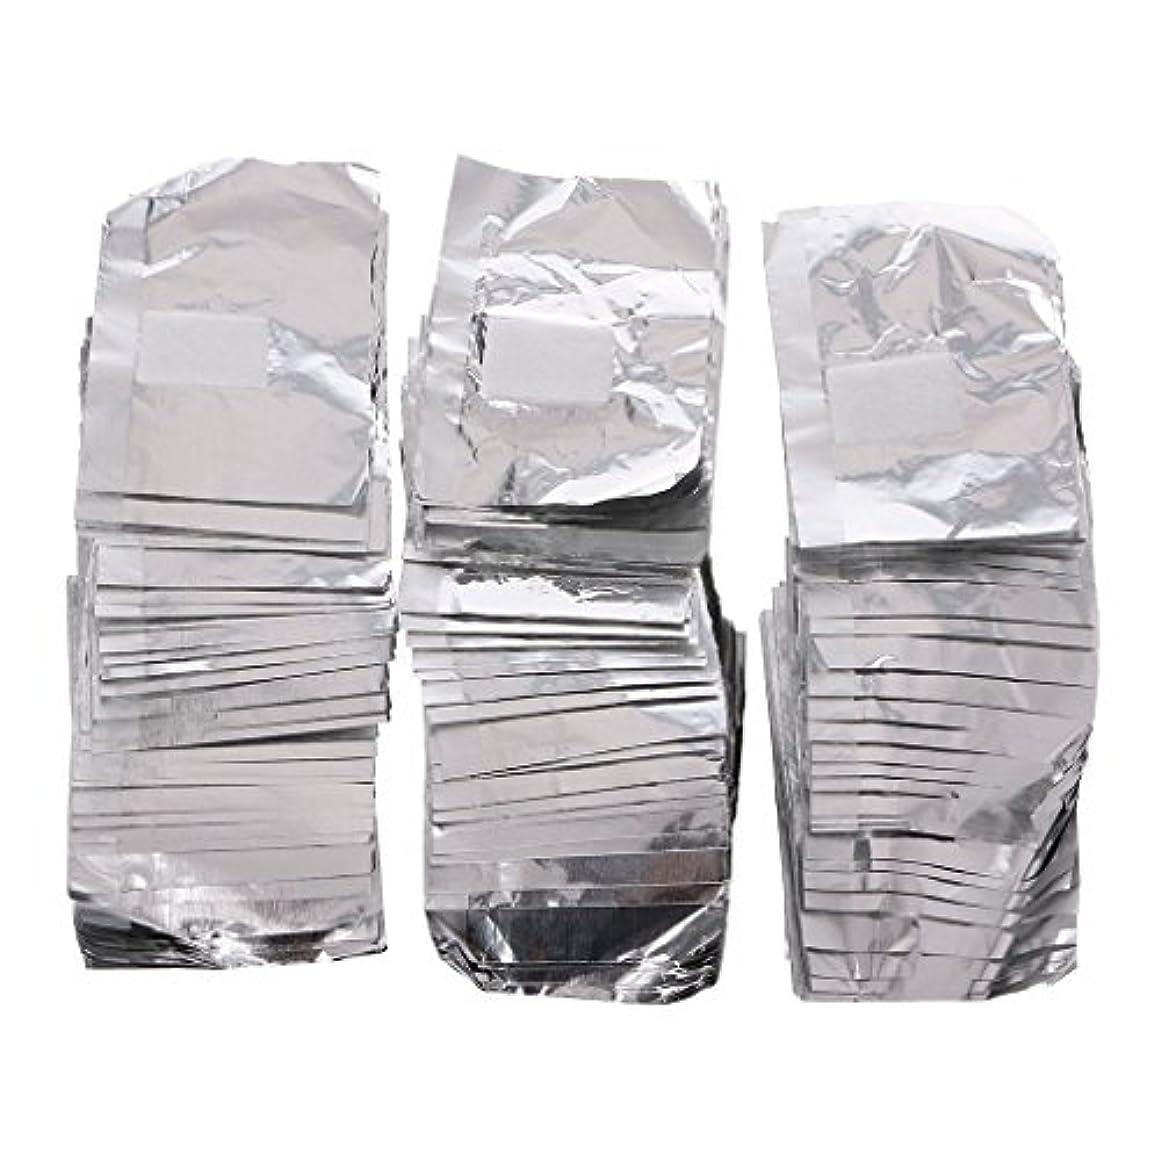 インシデント風刺言い換えるとジャッキーネイルアートアンロード錫箔150Pcピースアルミ箔ネイルアートソークオフアクリルジェルポリッシュネイルラップリムーバー